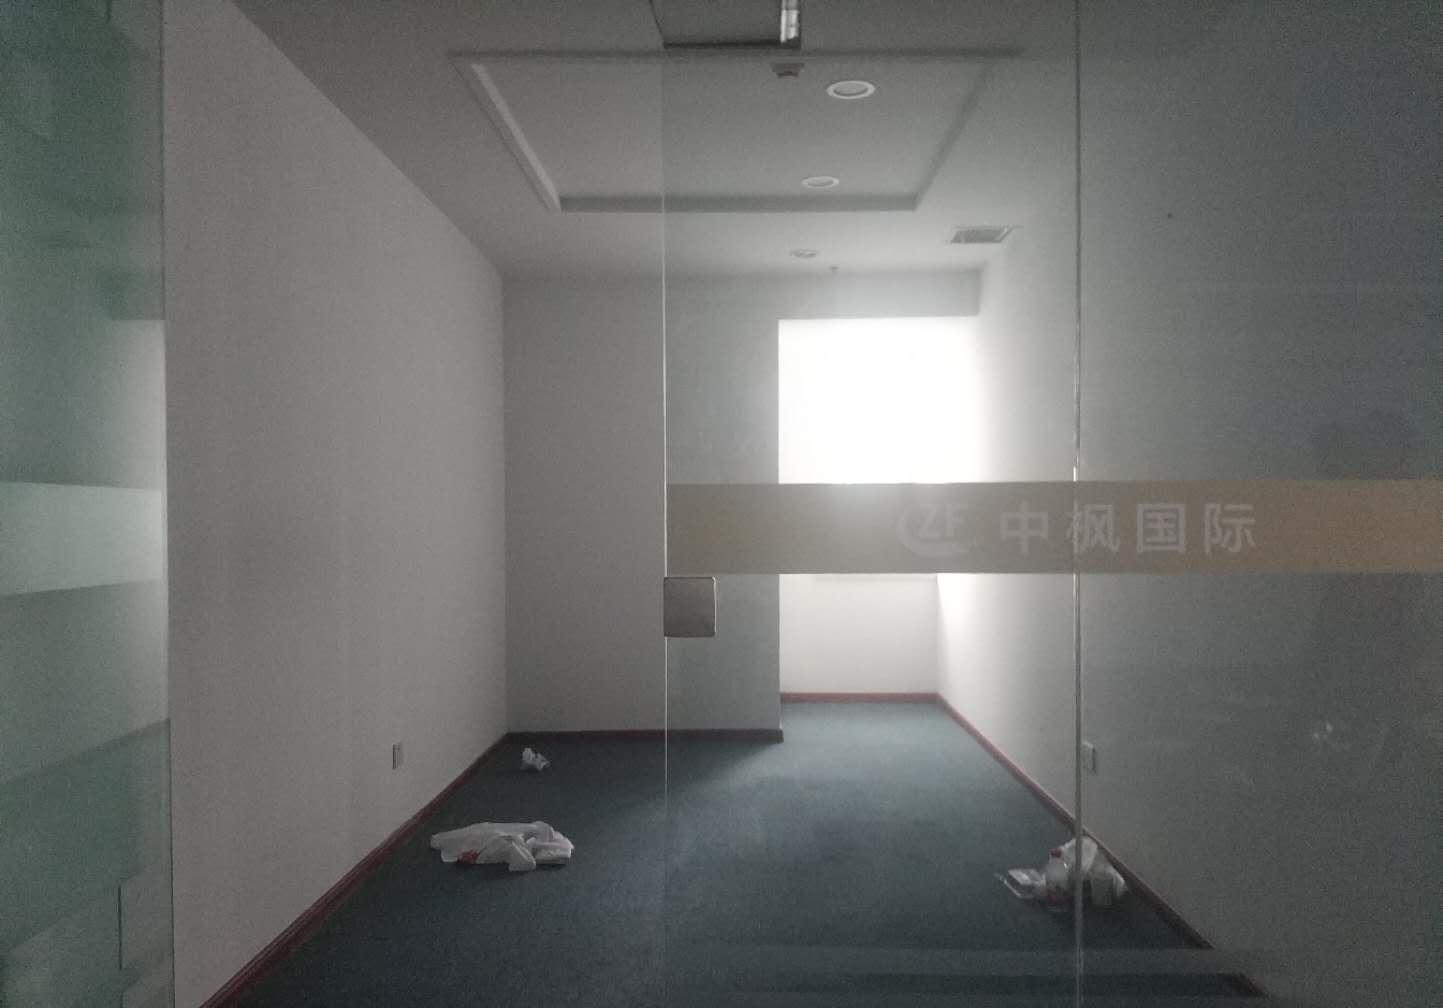 秦淮区常府街斯亚财富中心租房